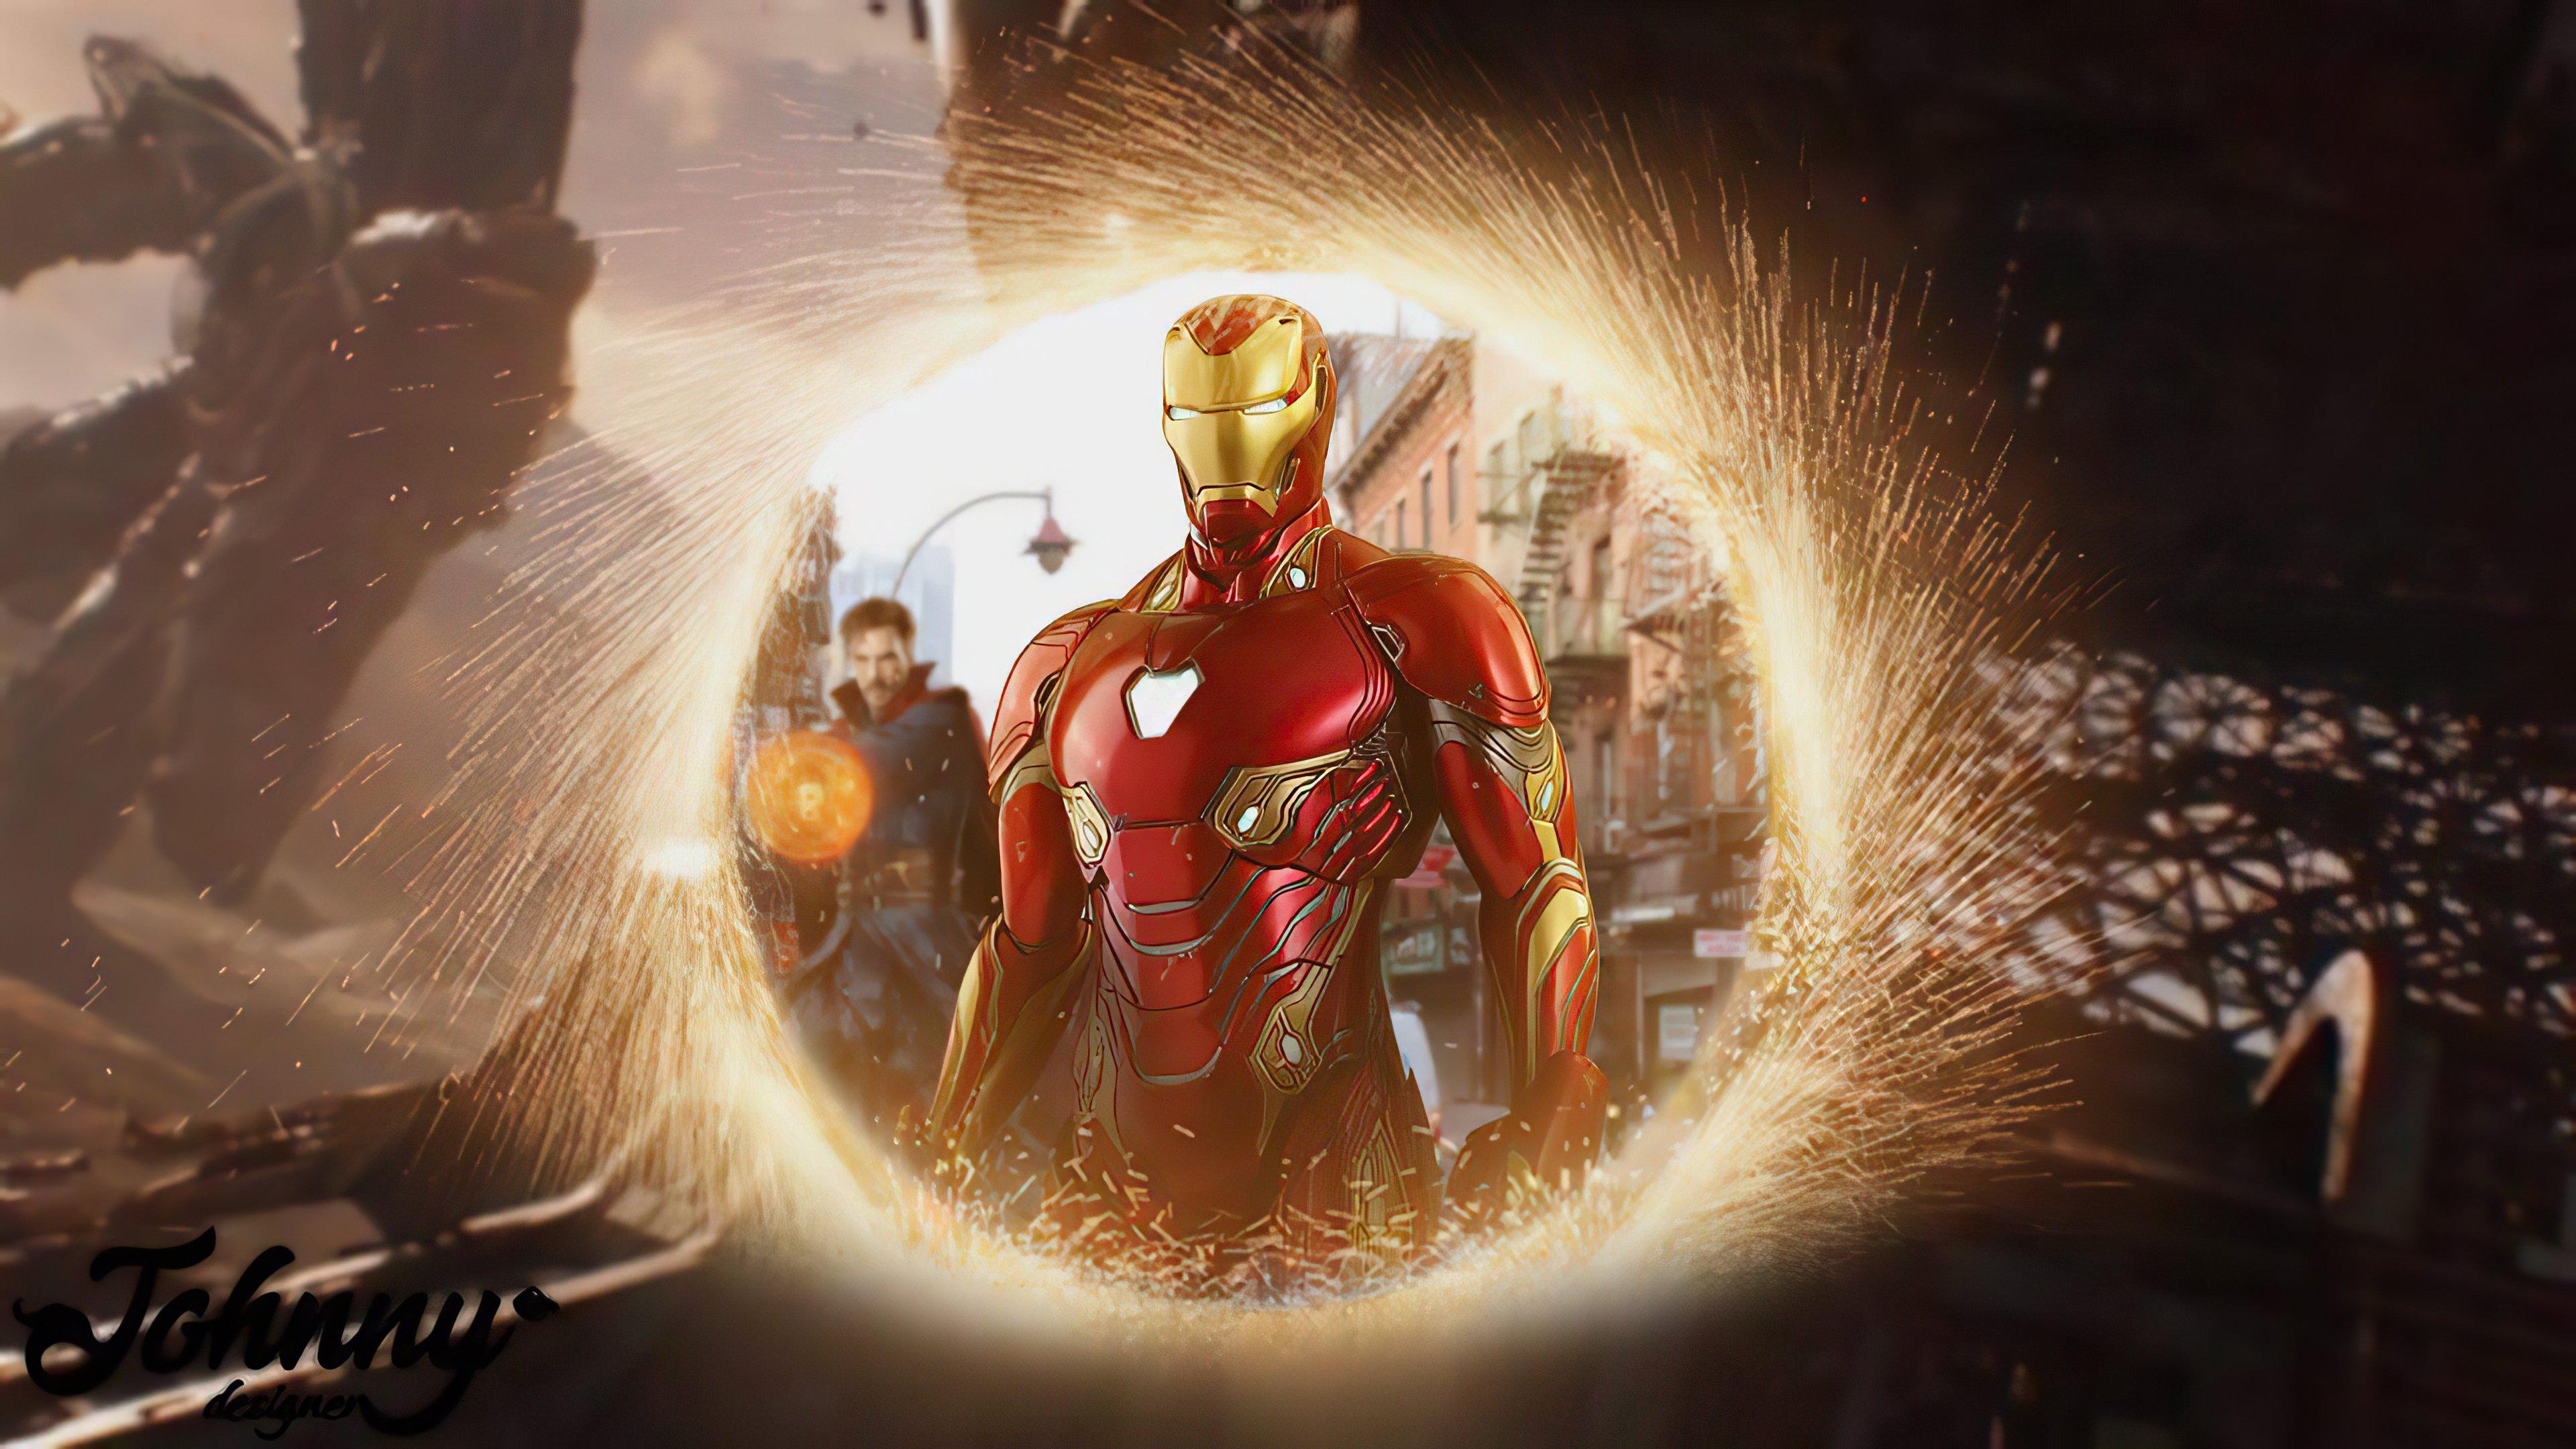 Fondos de pantalla Iron Man con Doctor Strange